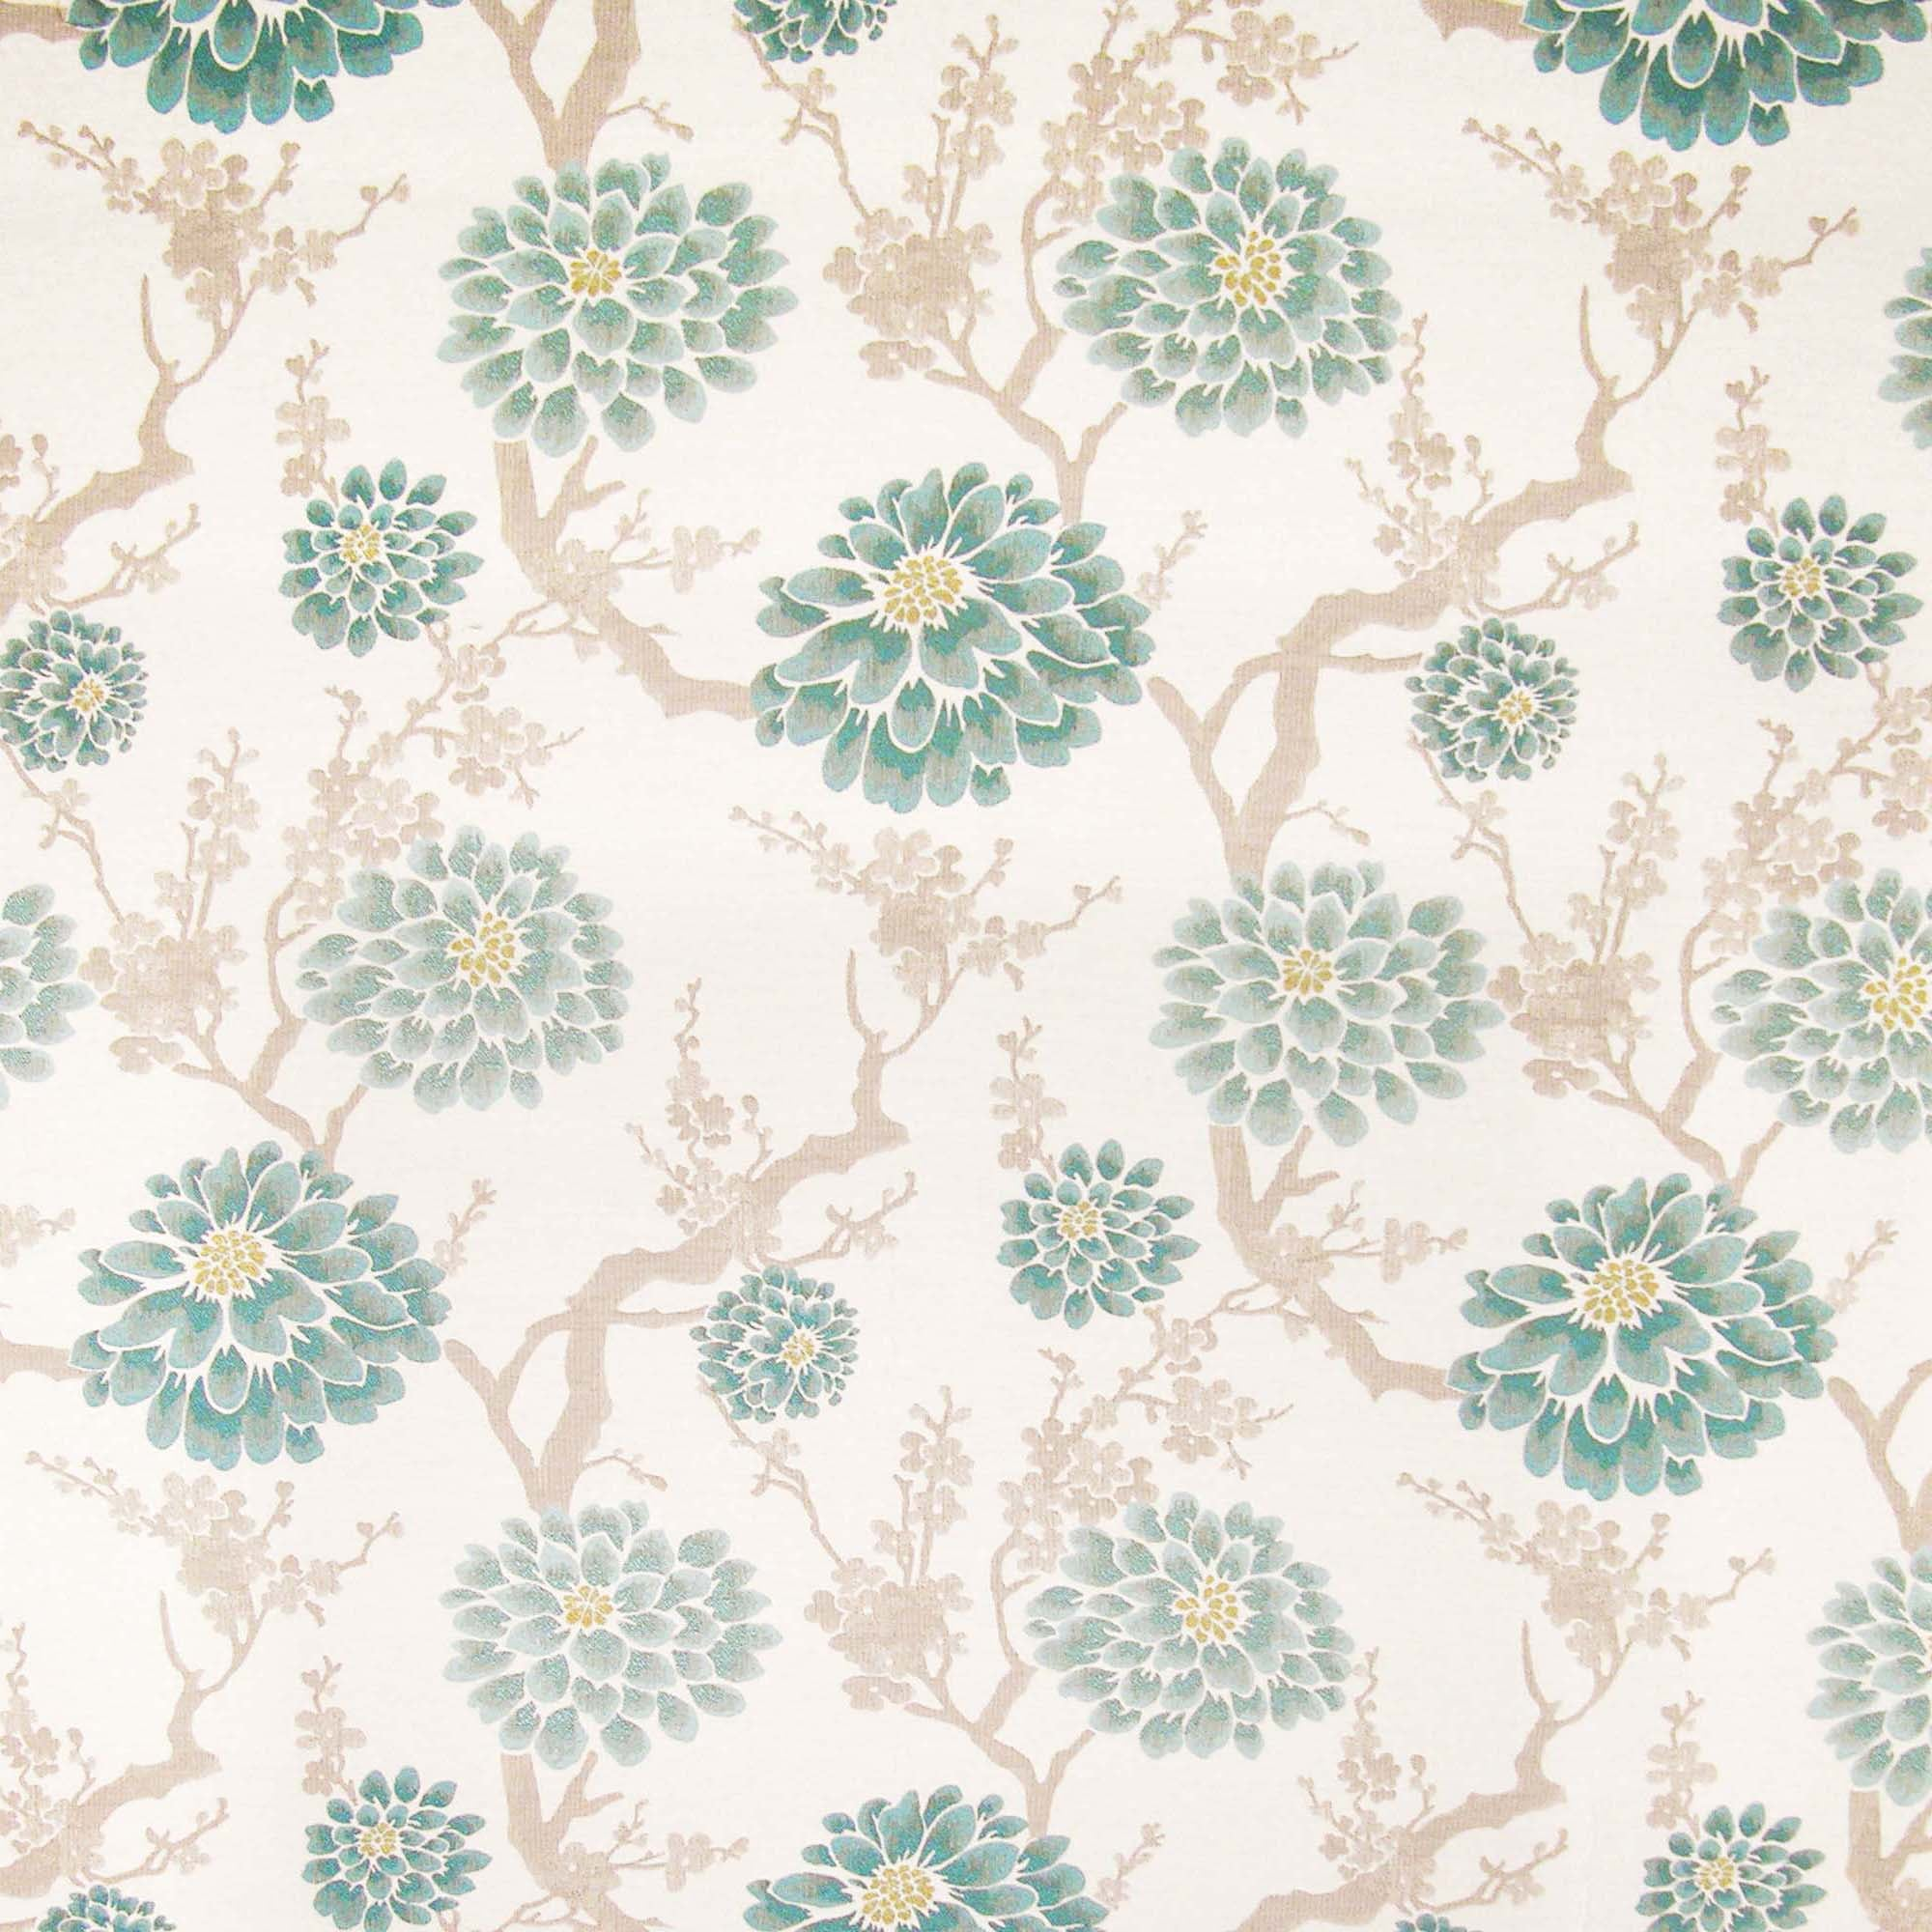 Ocean Alice Jacquard Fabric